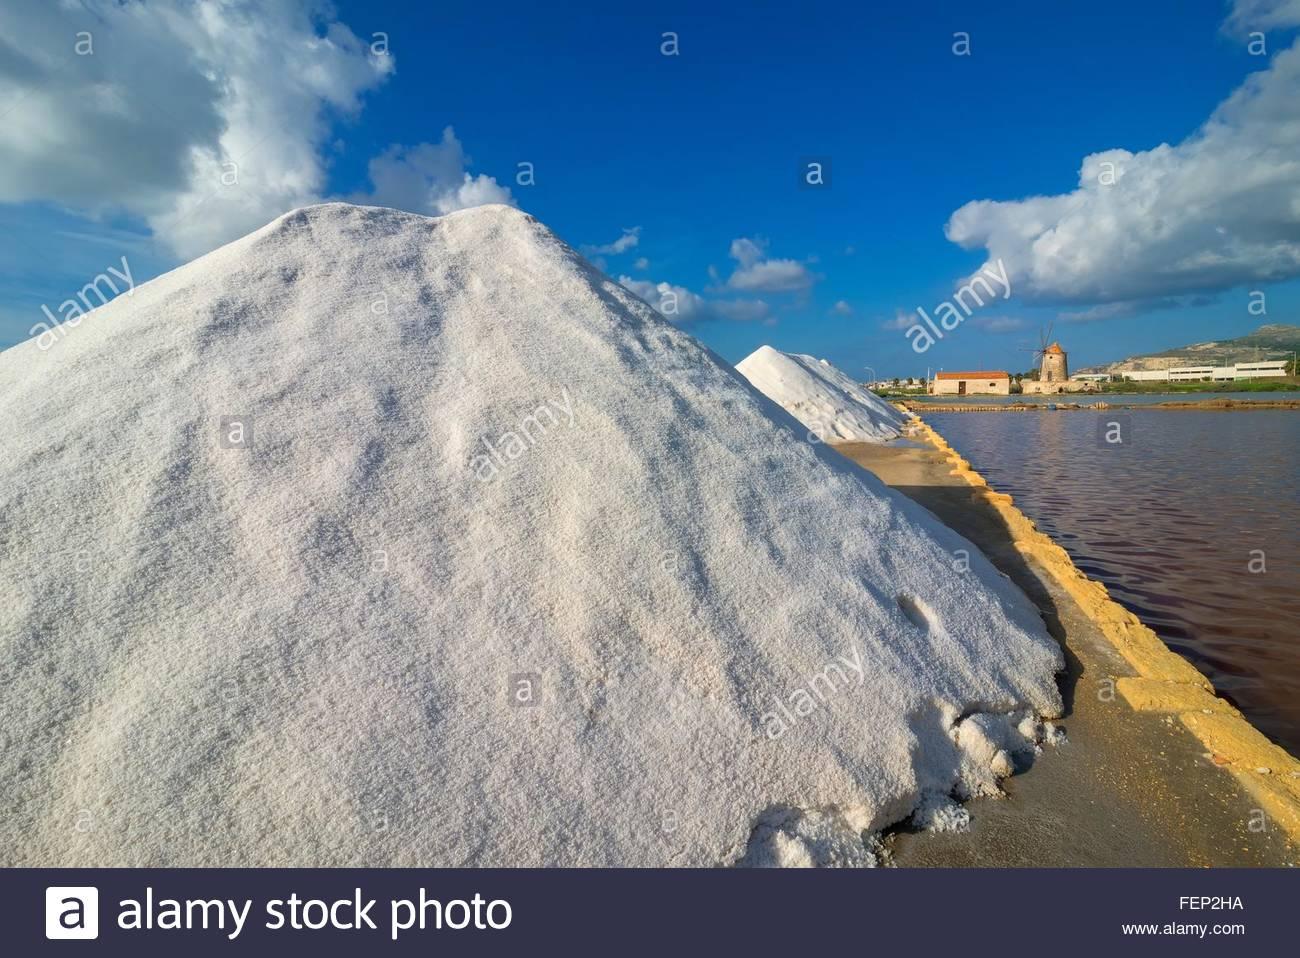 Il sale di pile su salina waterfront, Trapani, Sicilia, Italia Immagini Stock